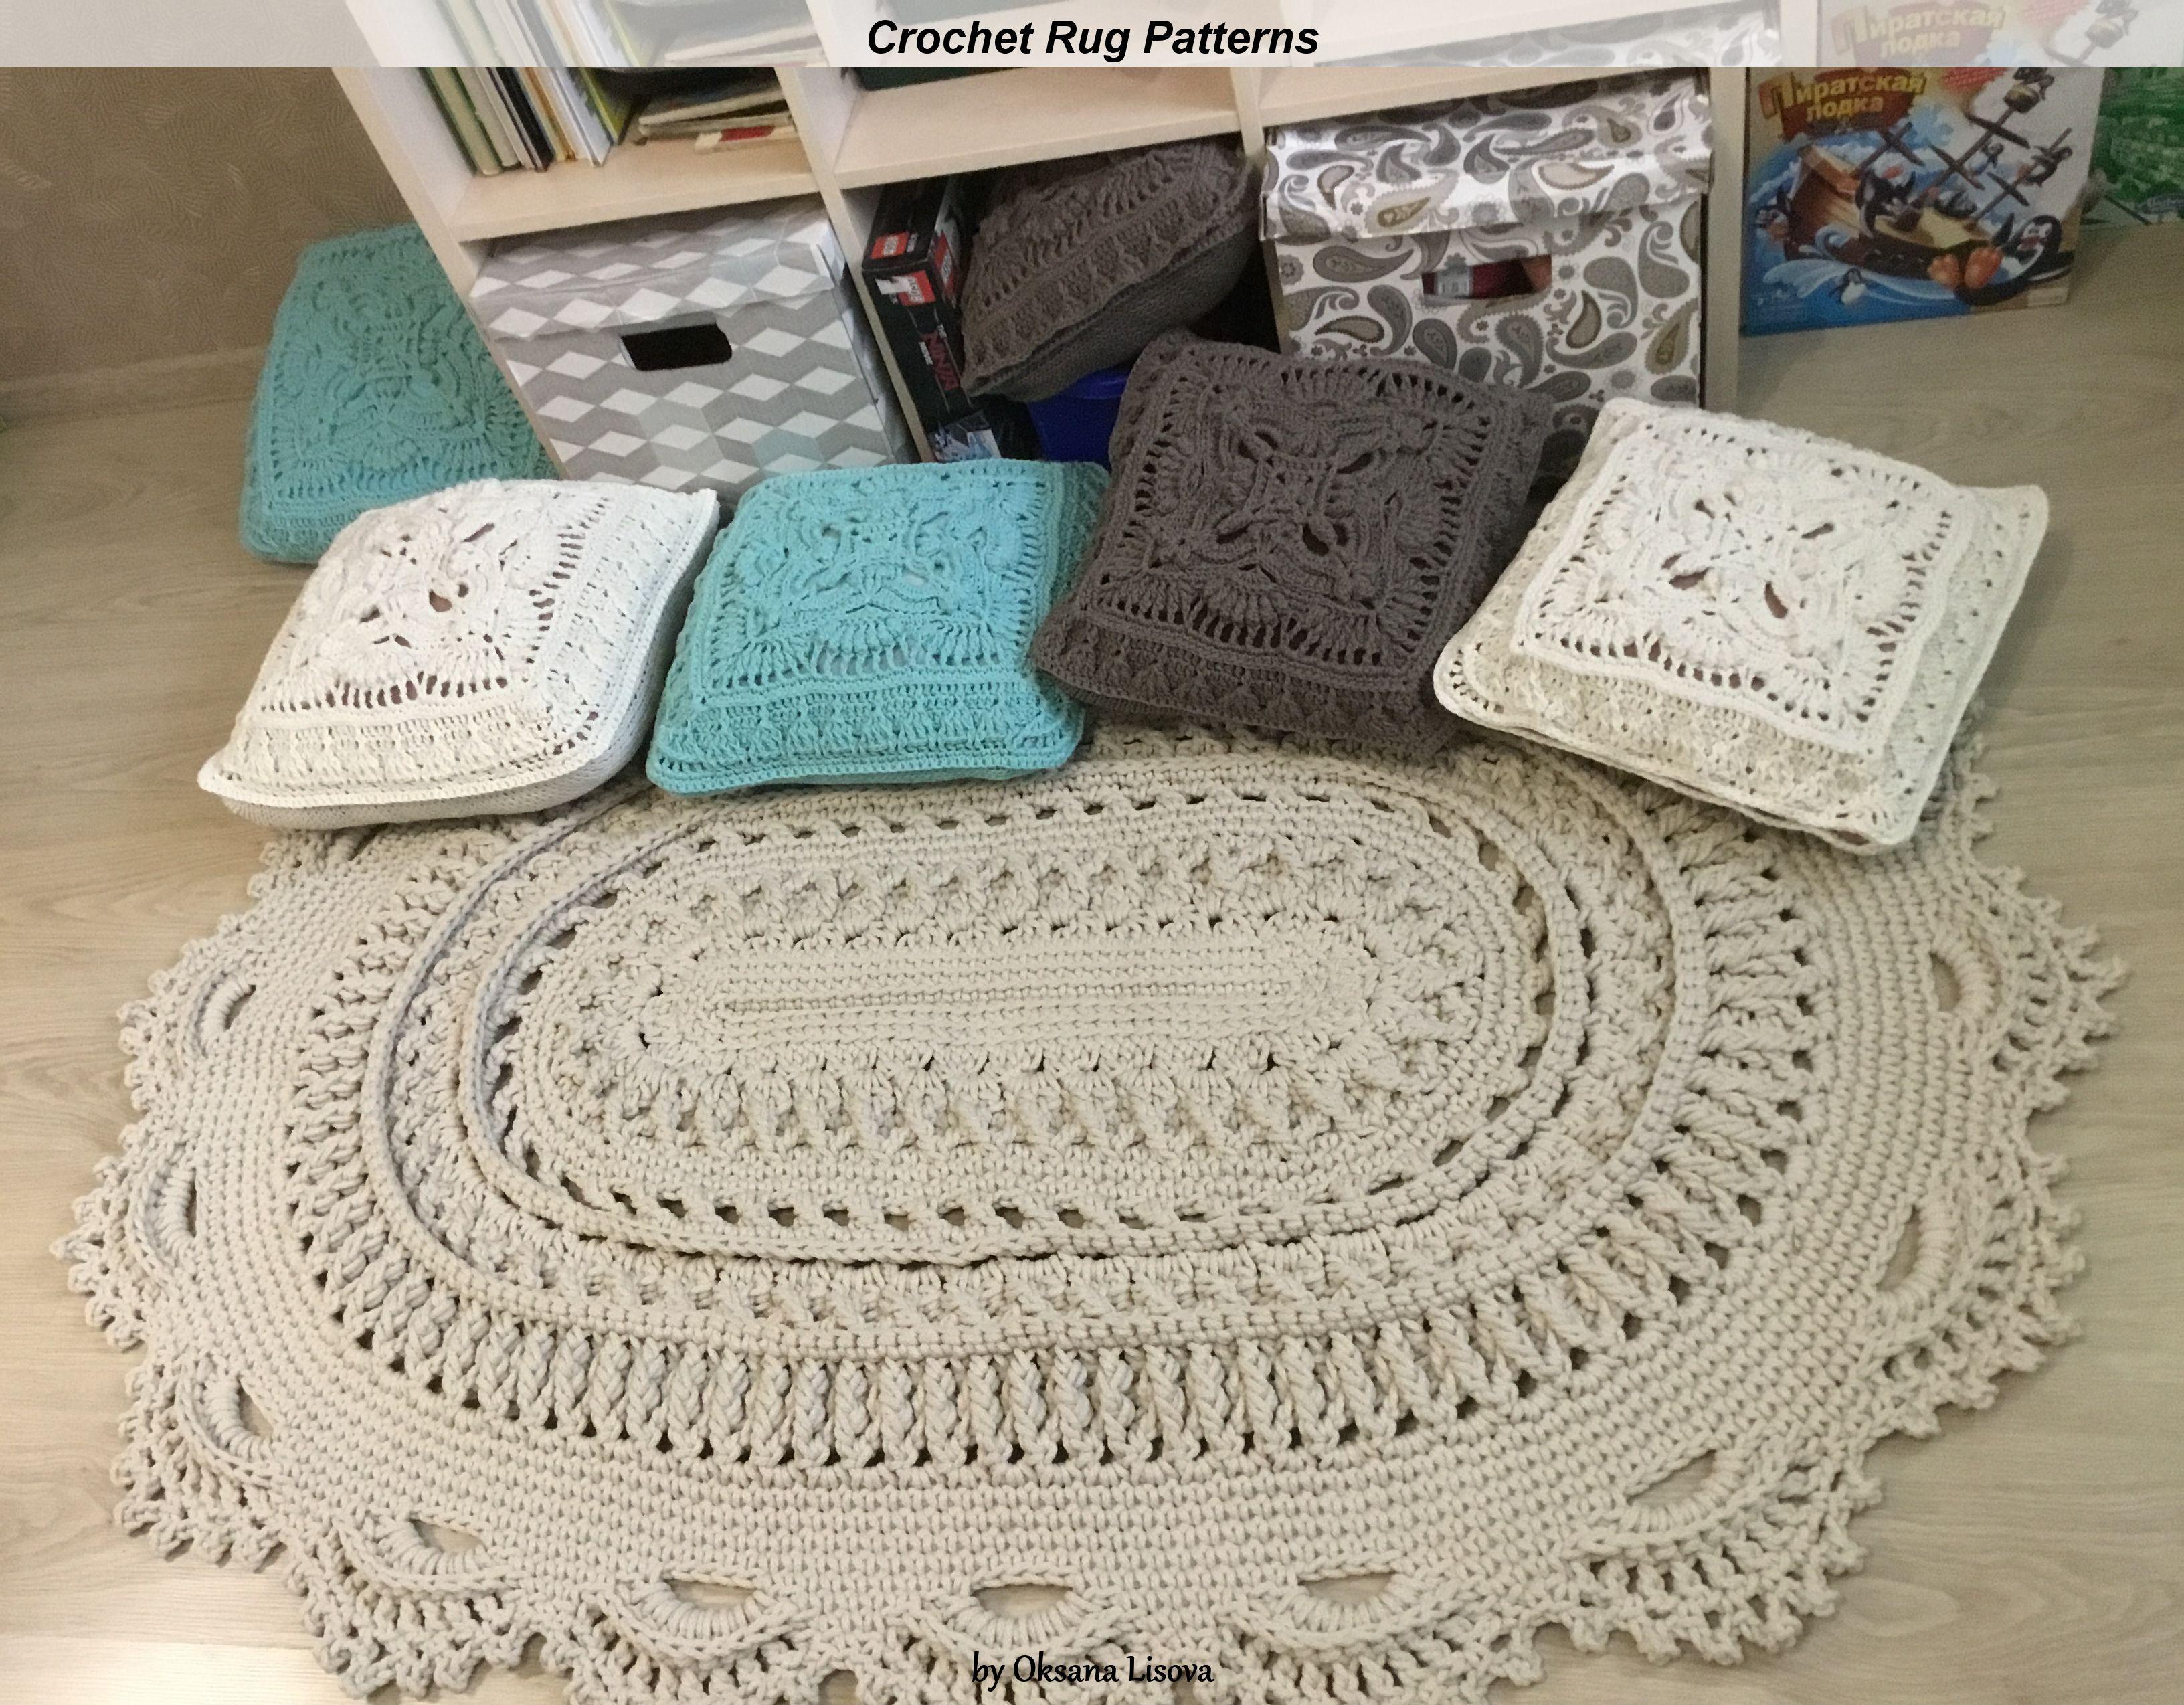 Crochet Video Tutorial On An Oval Bedside Carpet Video In Etsy In 2020 Crochet Rug Patterns Crochet Videos Tutorials Crochet Videos